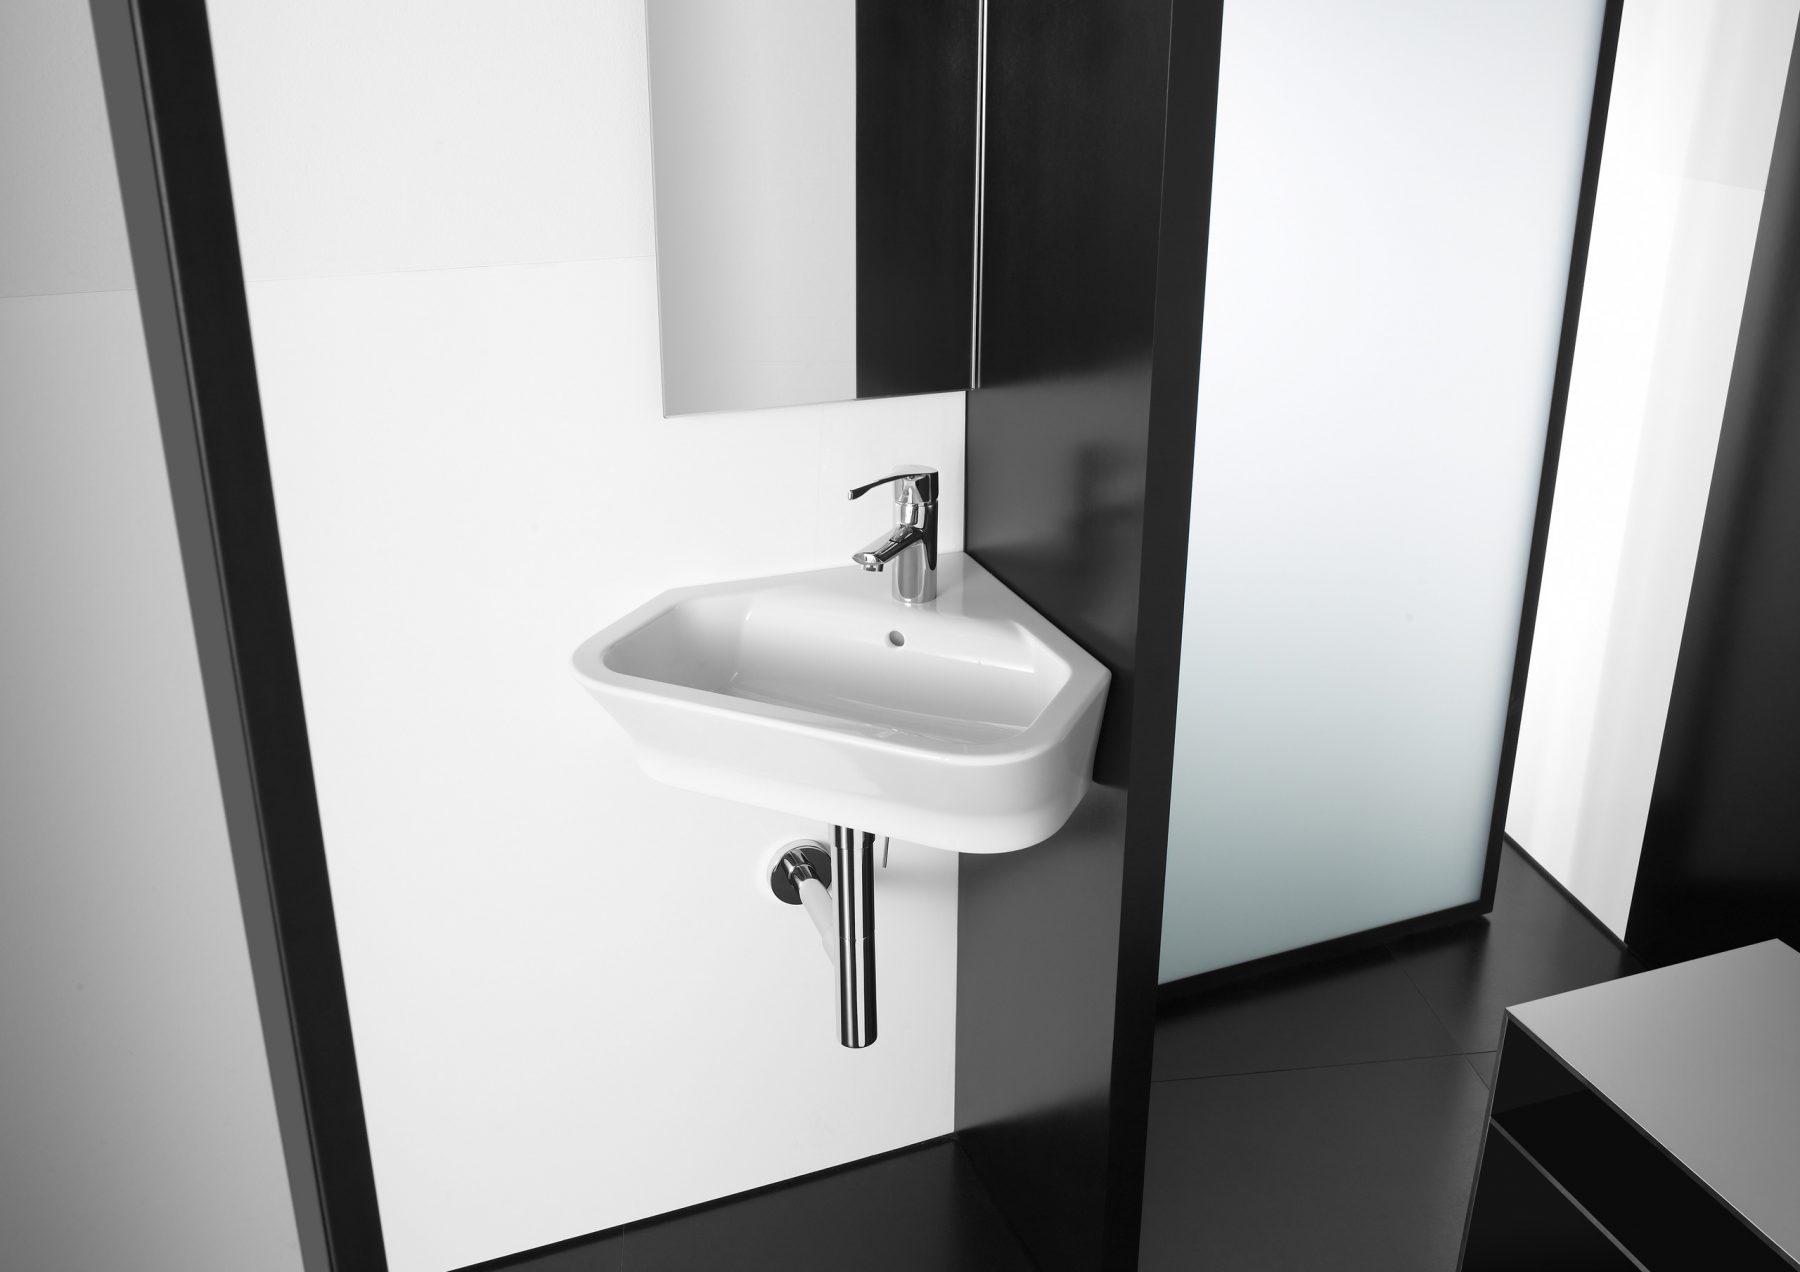 lavabos d 39 angle de salle de bain fiche produit. Black Bedroom Furniture Sets. Home Design Ideas